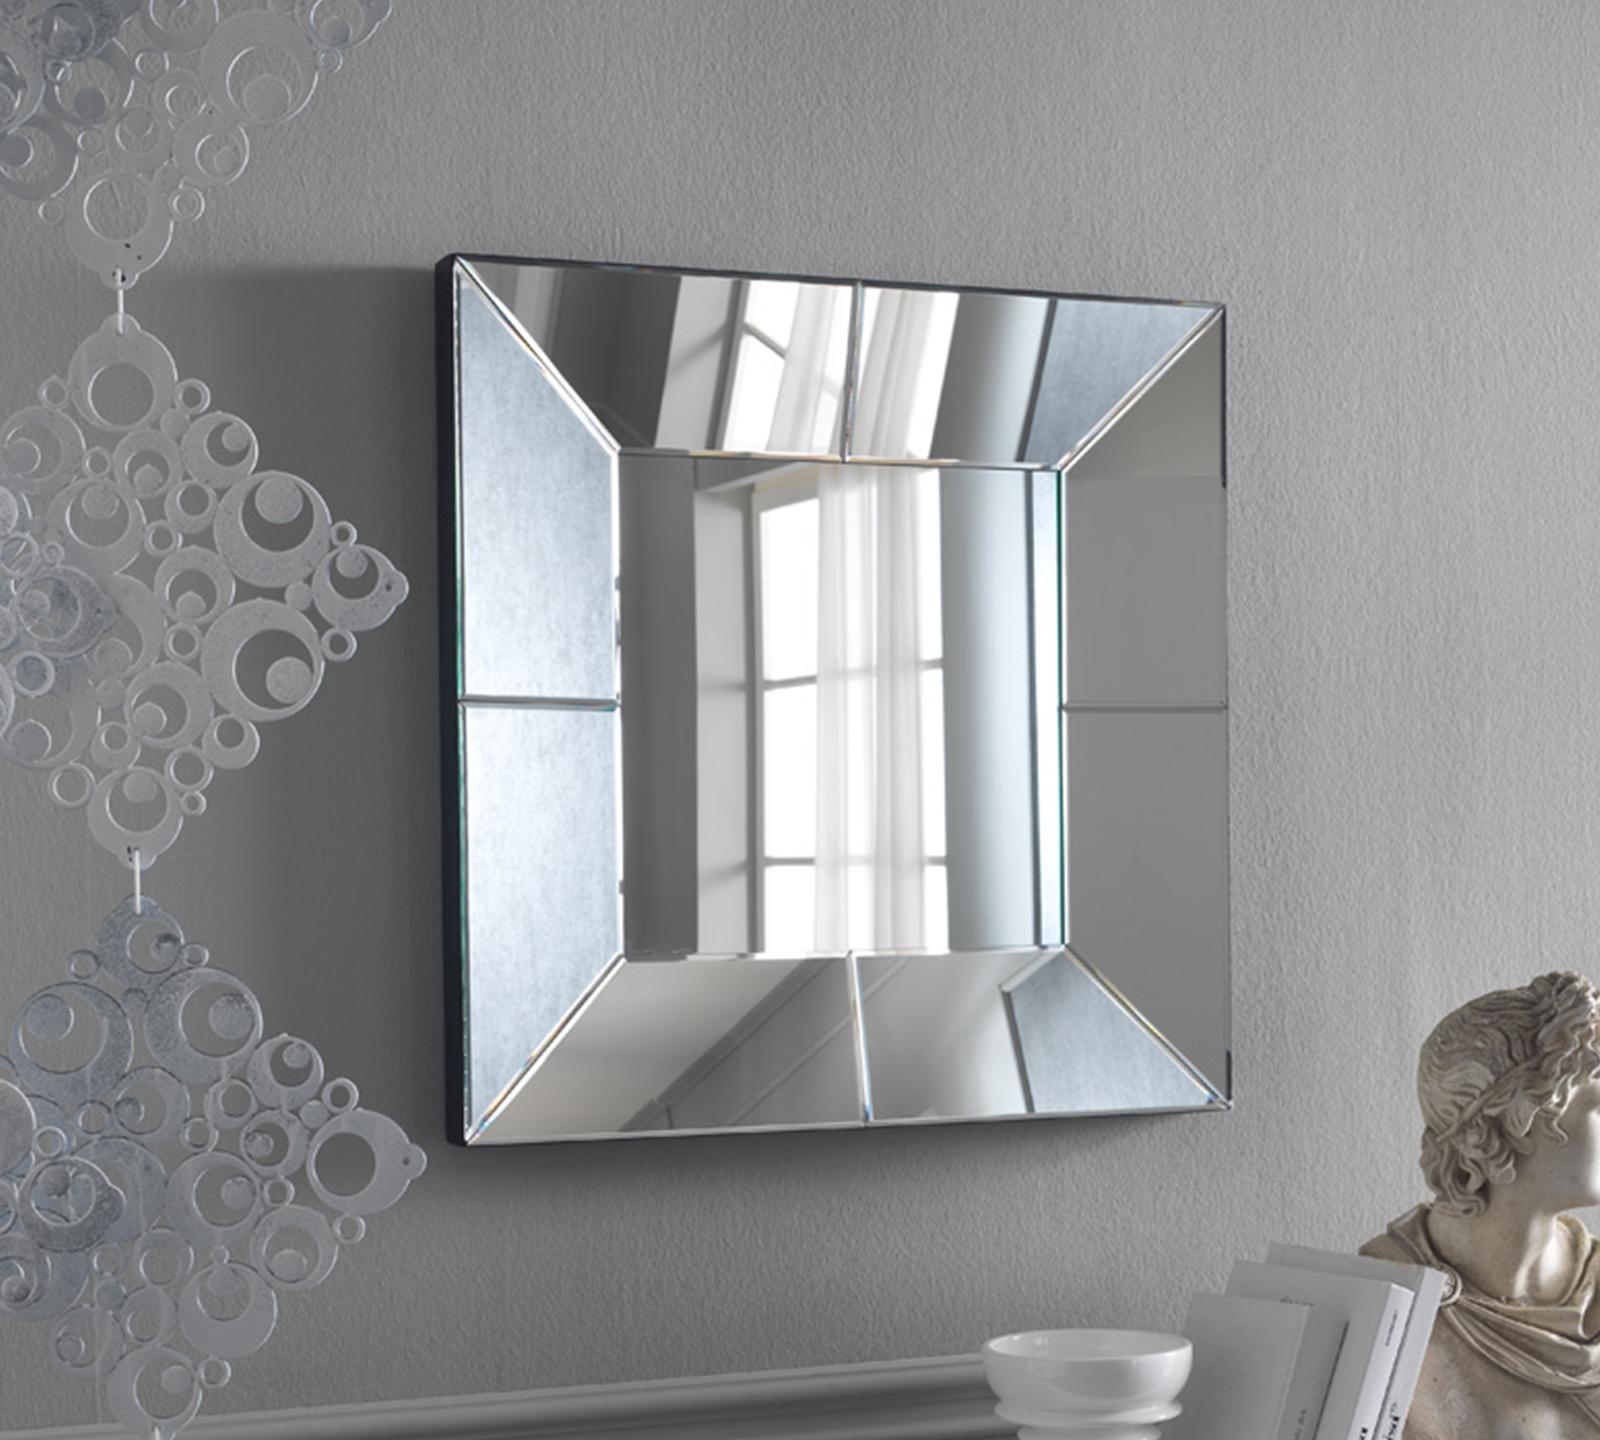 Specchio sp 017 duzzle - Specchio prisma riflessi prezzo ...